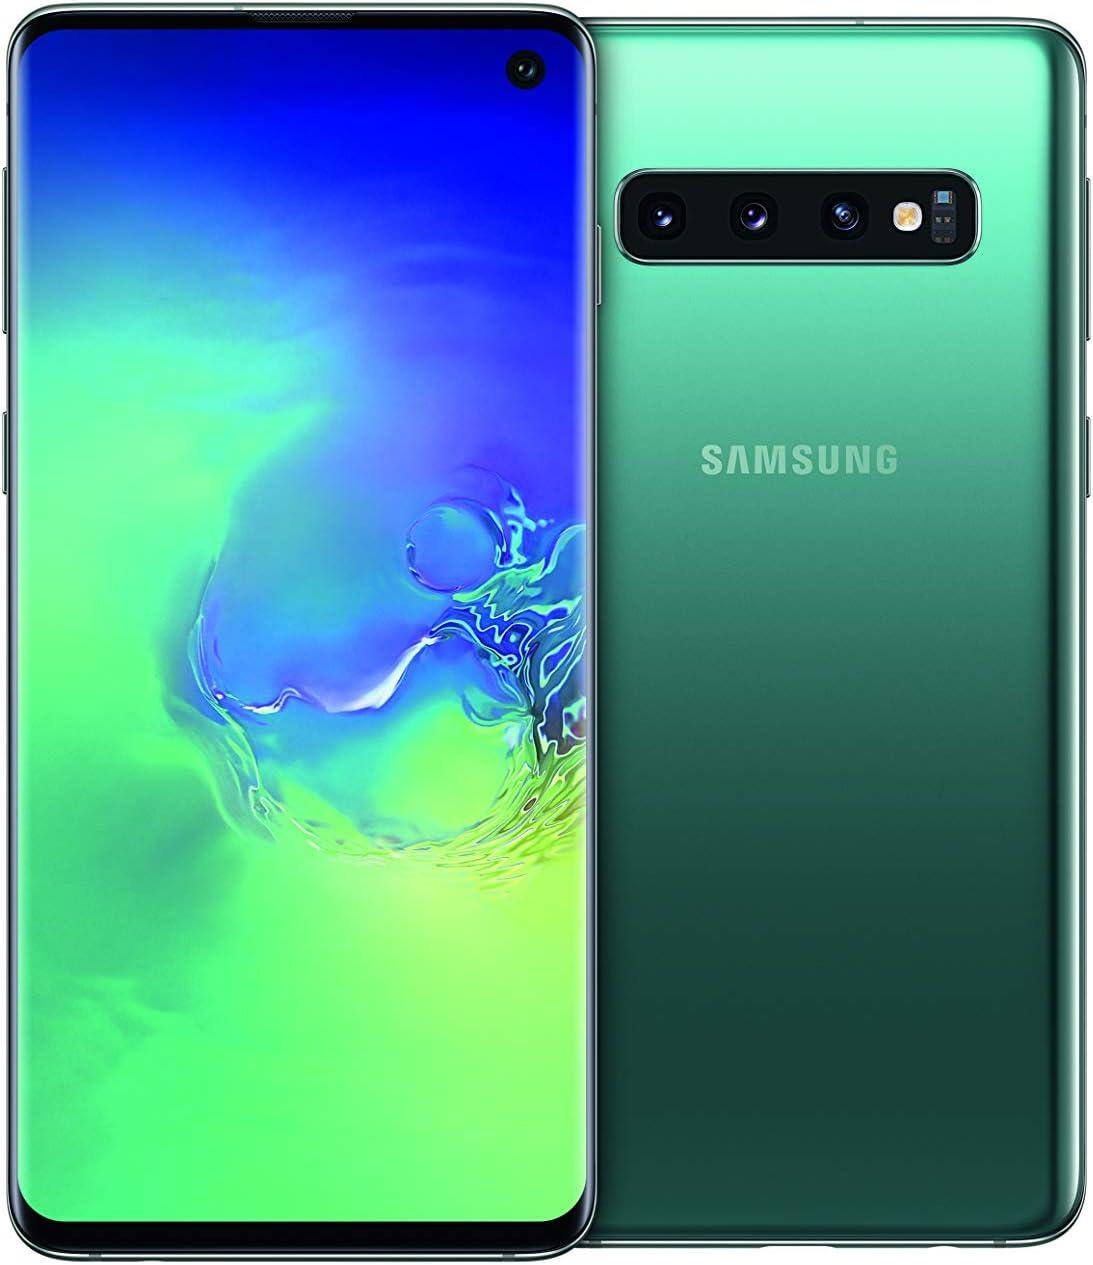 """Samsung Galaxy S10 - Smartphone de 6.1"""", Dual SIM, 128 GB, Verde (Prism Green): Amazon.es: Electrónica"""